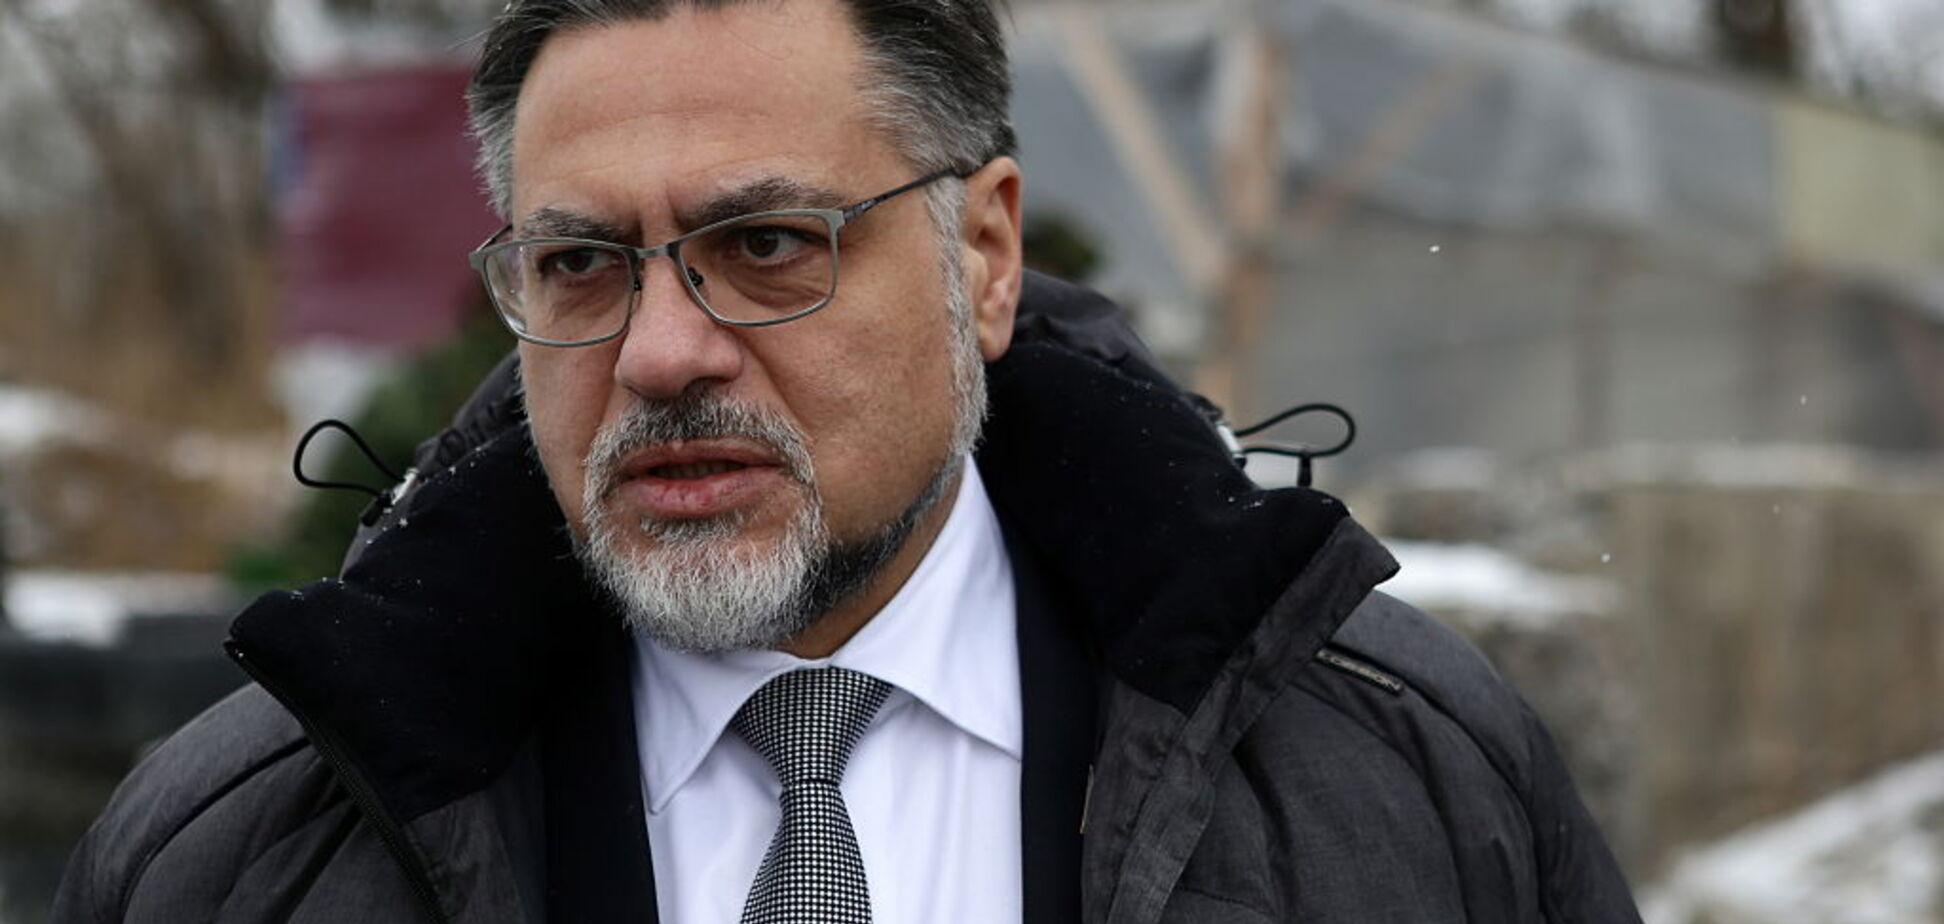 'За домовленістю з Сурковим': одного з ватажків 'ЛНР' задумали 'евакуювати' в Росію